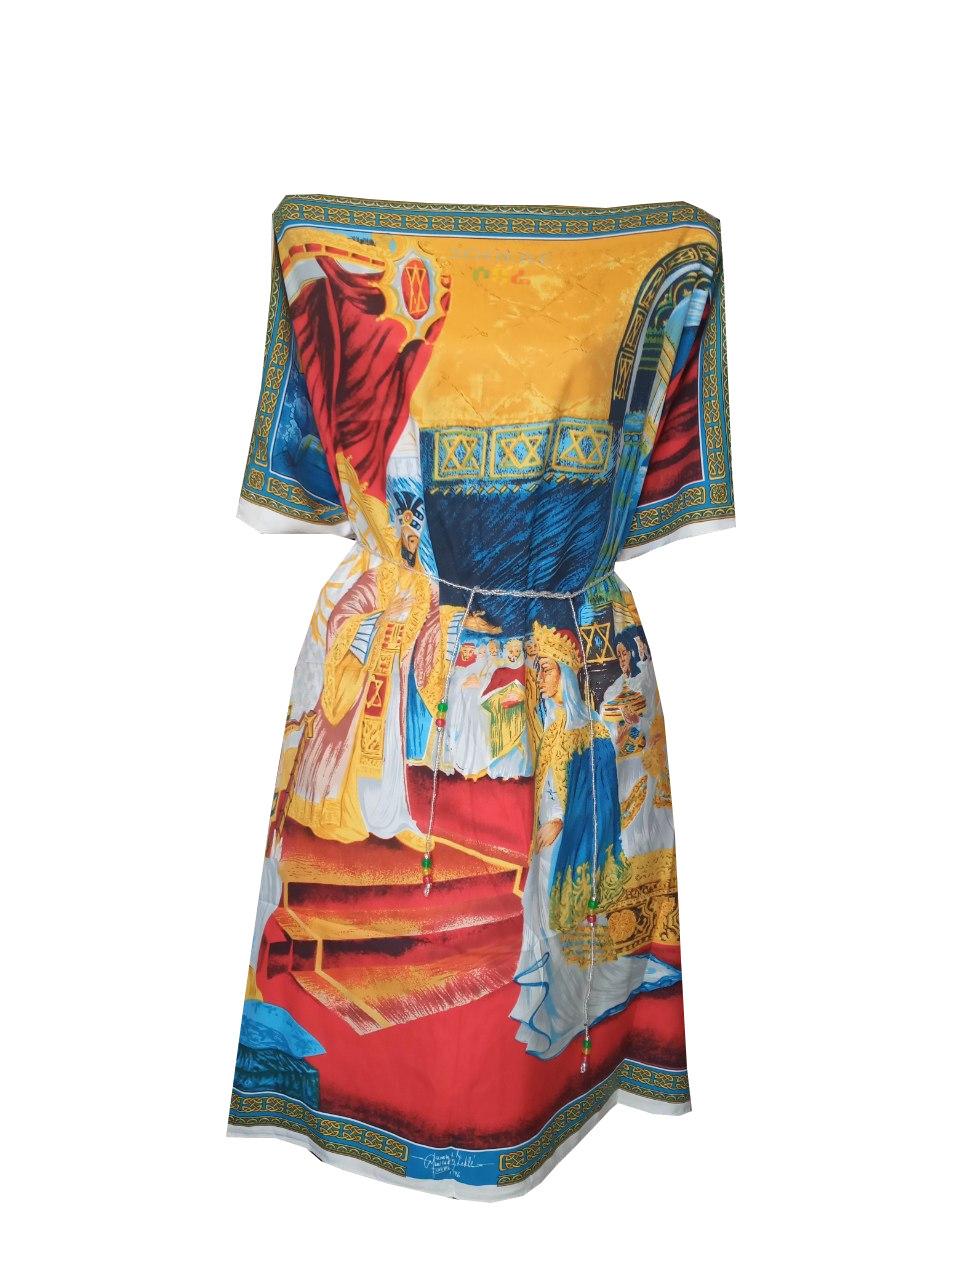 የዓለም ሎሬት ሜትር አርቲስት አፈወርቅ ተክሌ ስእሎች ያለበት የሴቶች አጭር ቀሚስ   Women Short Dress / free size